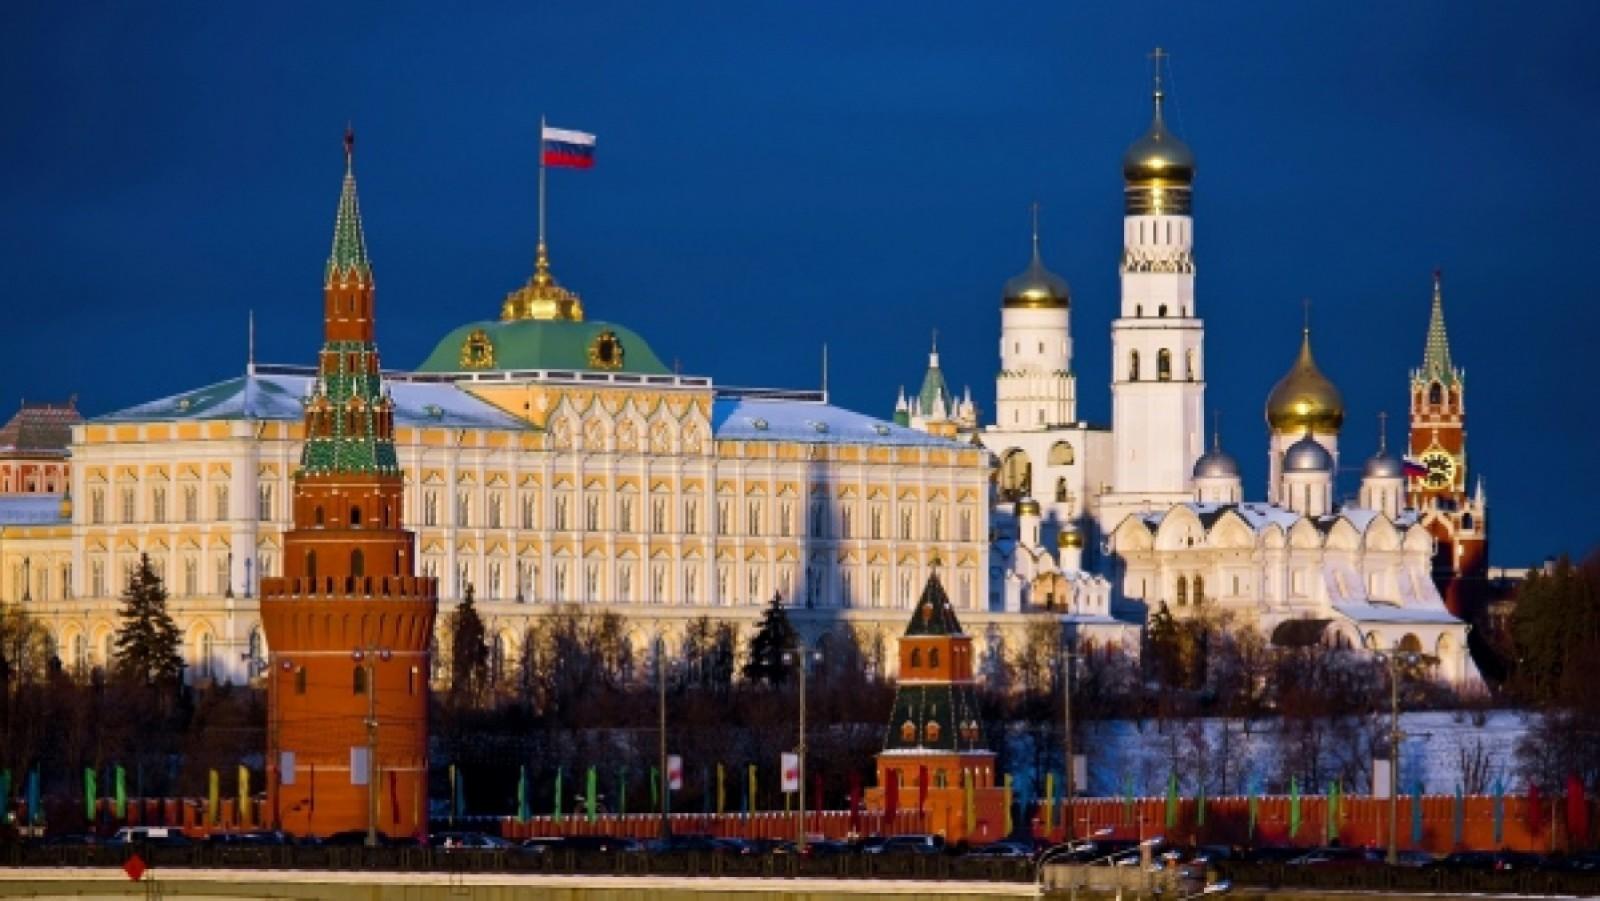 Mold-street: Capitalul rusesc din economia Moldovei s-a evaporat! Rusia abia pe locul 6 la investiții în Moldova